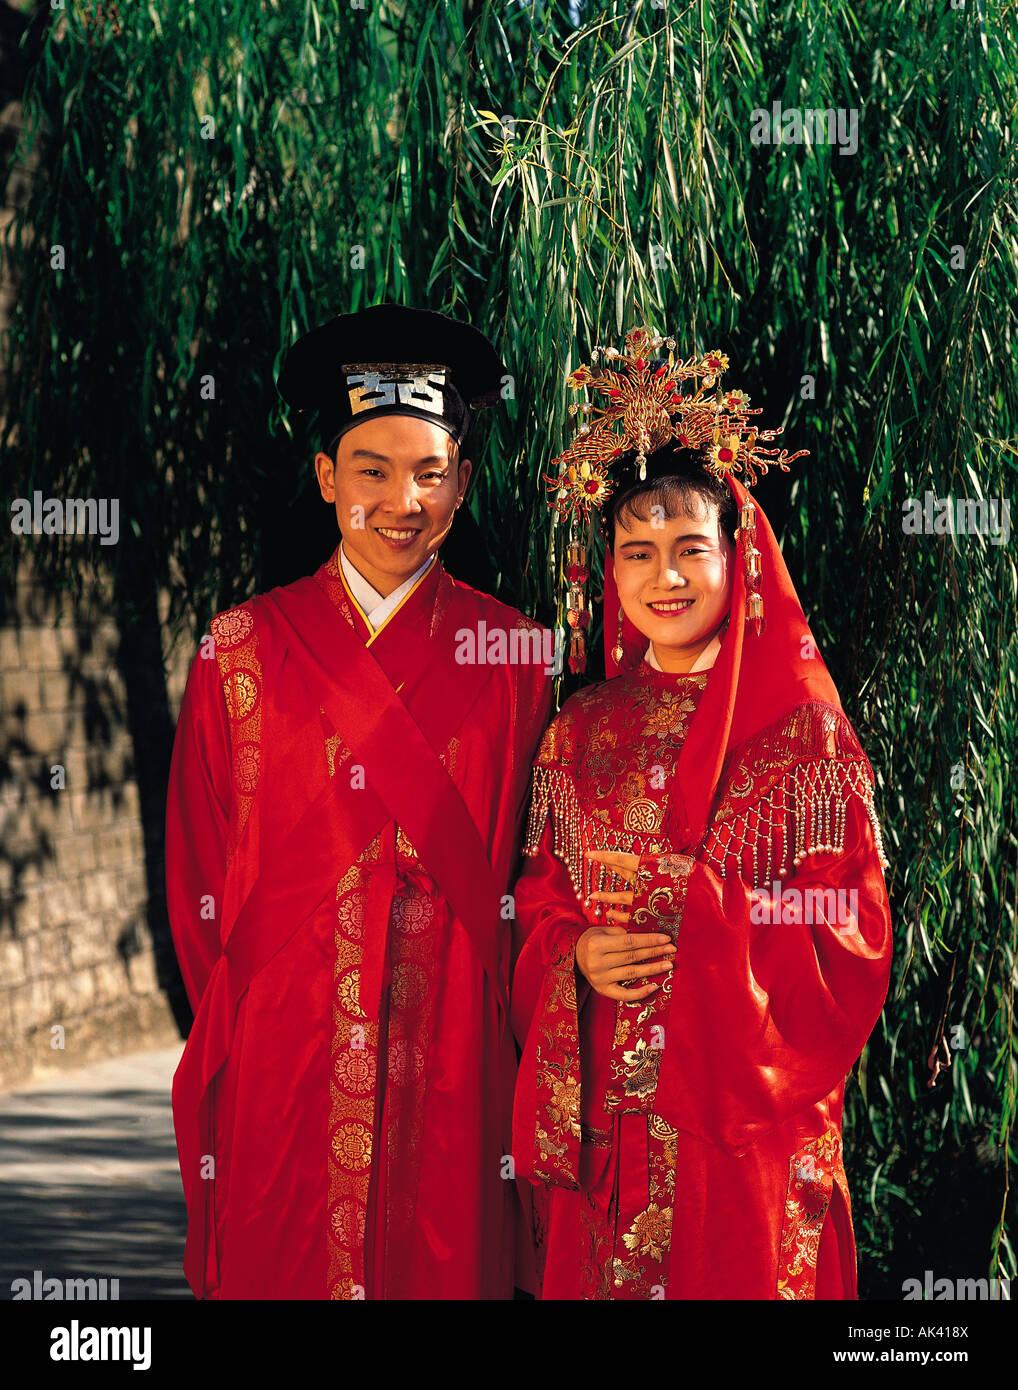 Hong kong traditional clothing gallery for Traditional chinese wedding dress hong kong